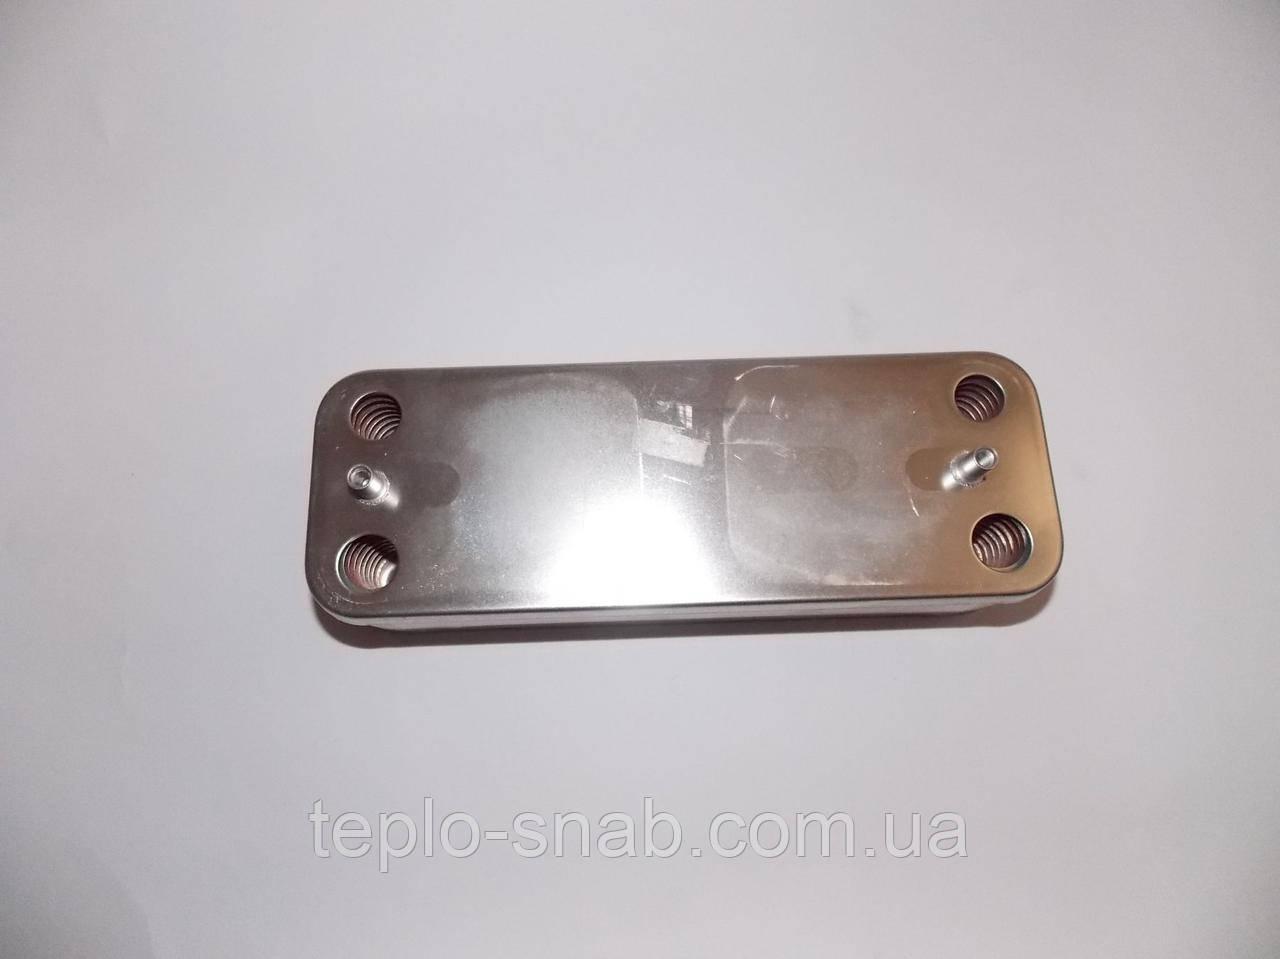 Вторинний теплообмінник Protherm Tigr 24 kw. 14 пл. 0020025294